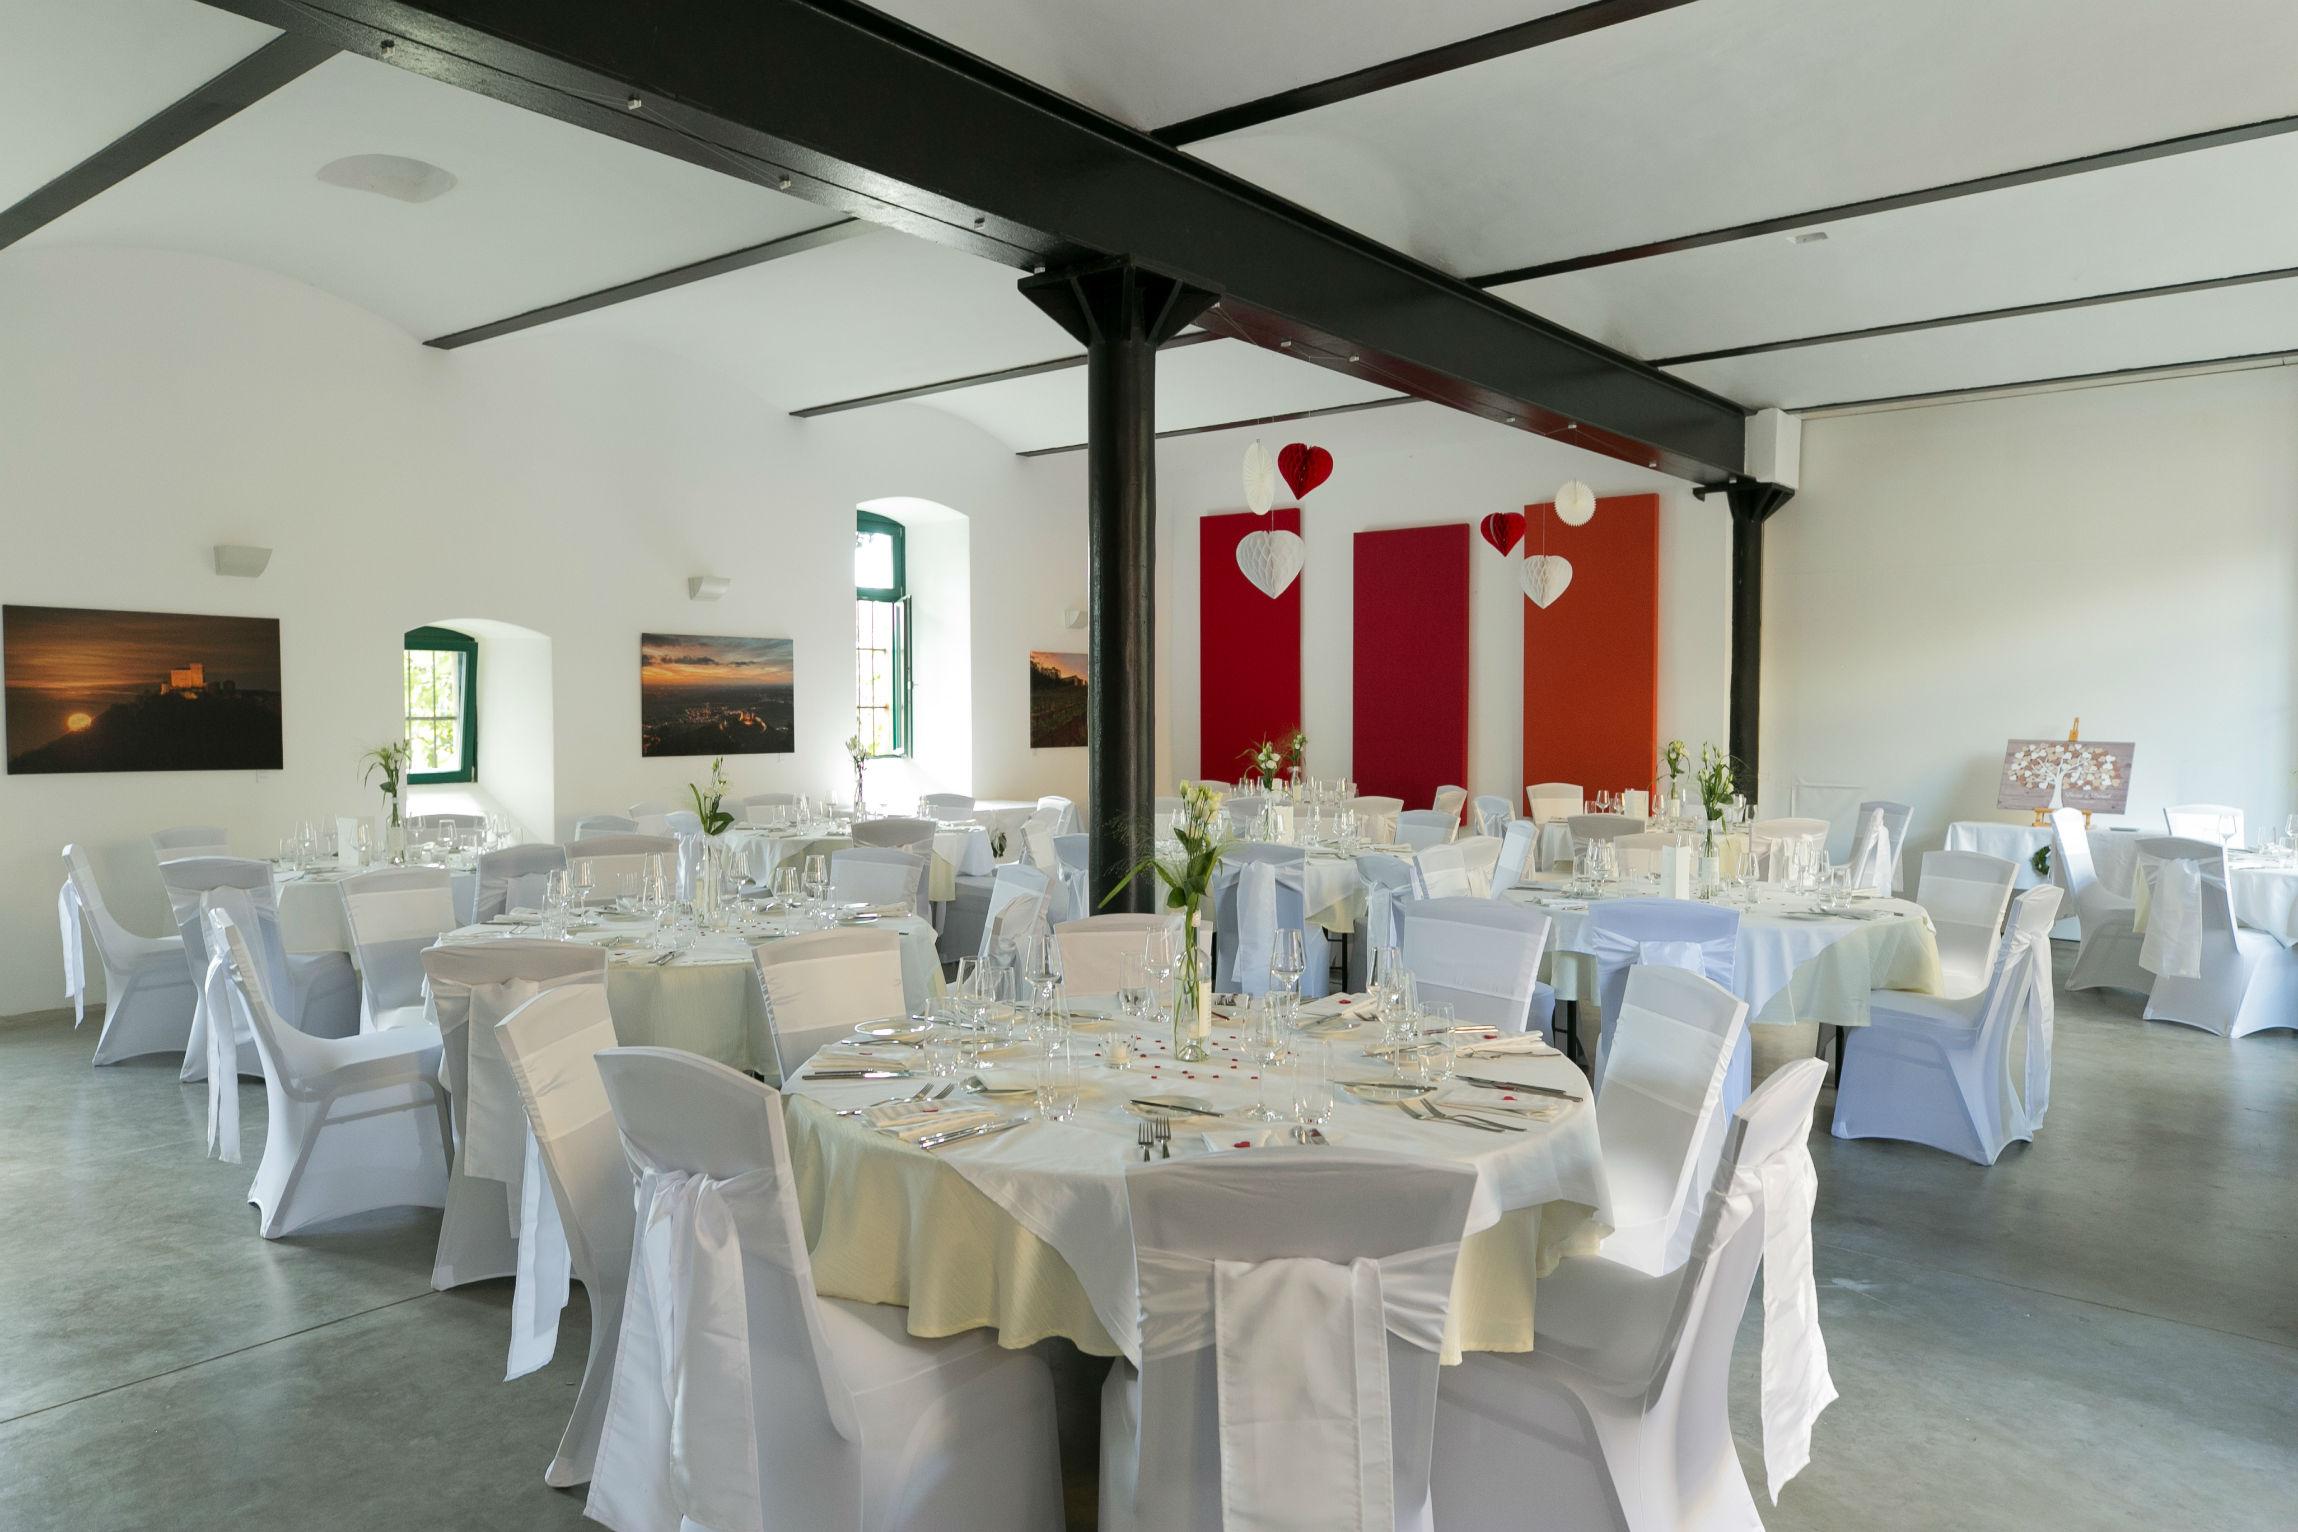 Hochzeitslocation Weingut Weik Hochzeitslokalität in Mussbach in Pfalz